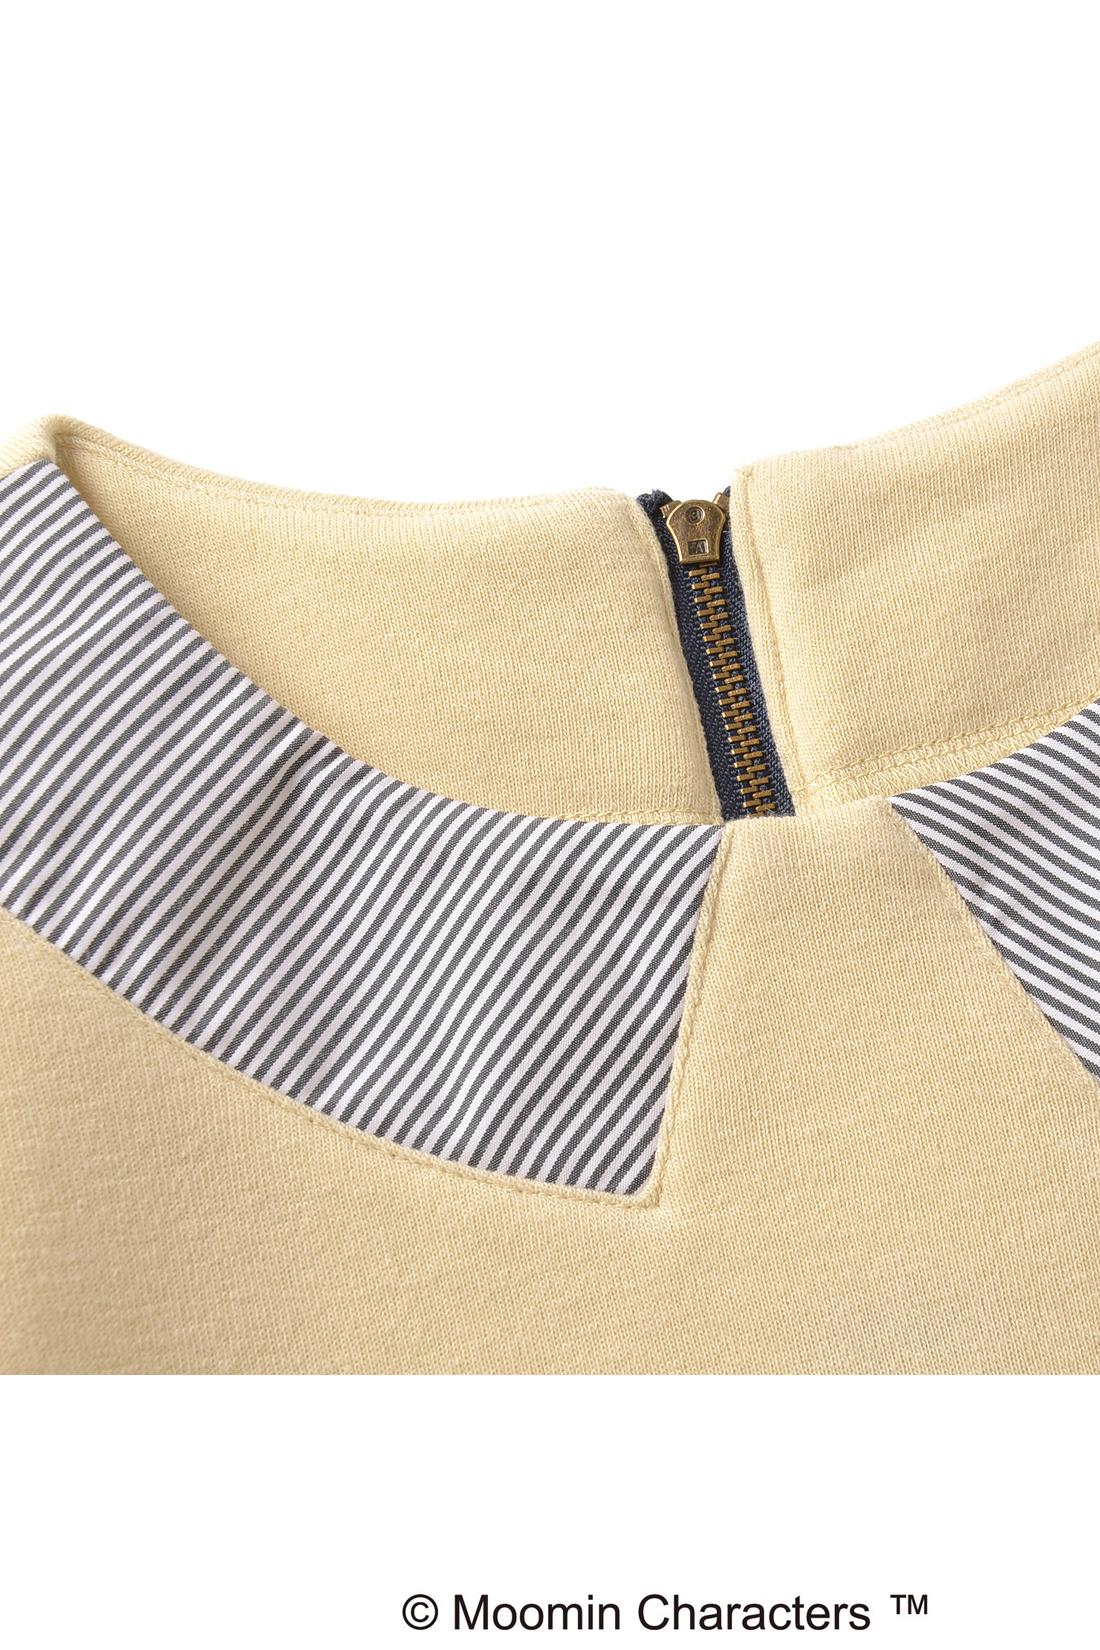 布はくの生地を衿みたいな形に縫い付けました。何だかきちんとして見えるでしょ。